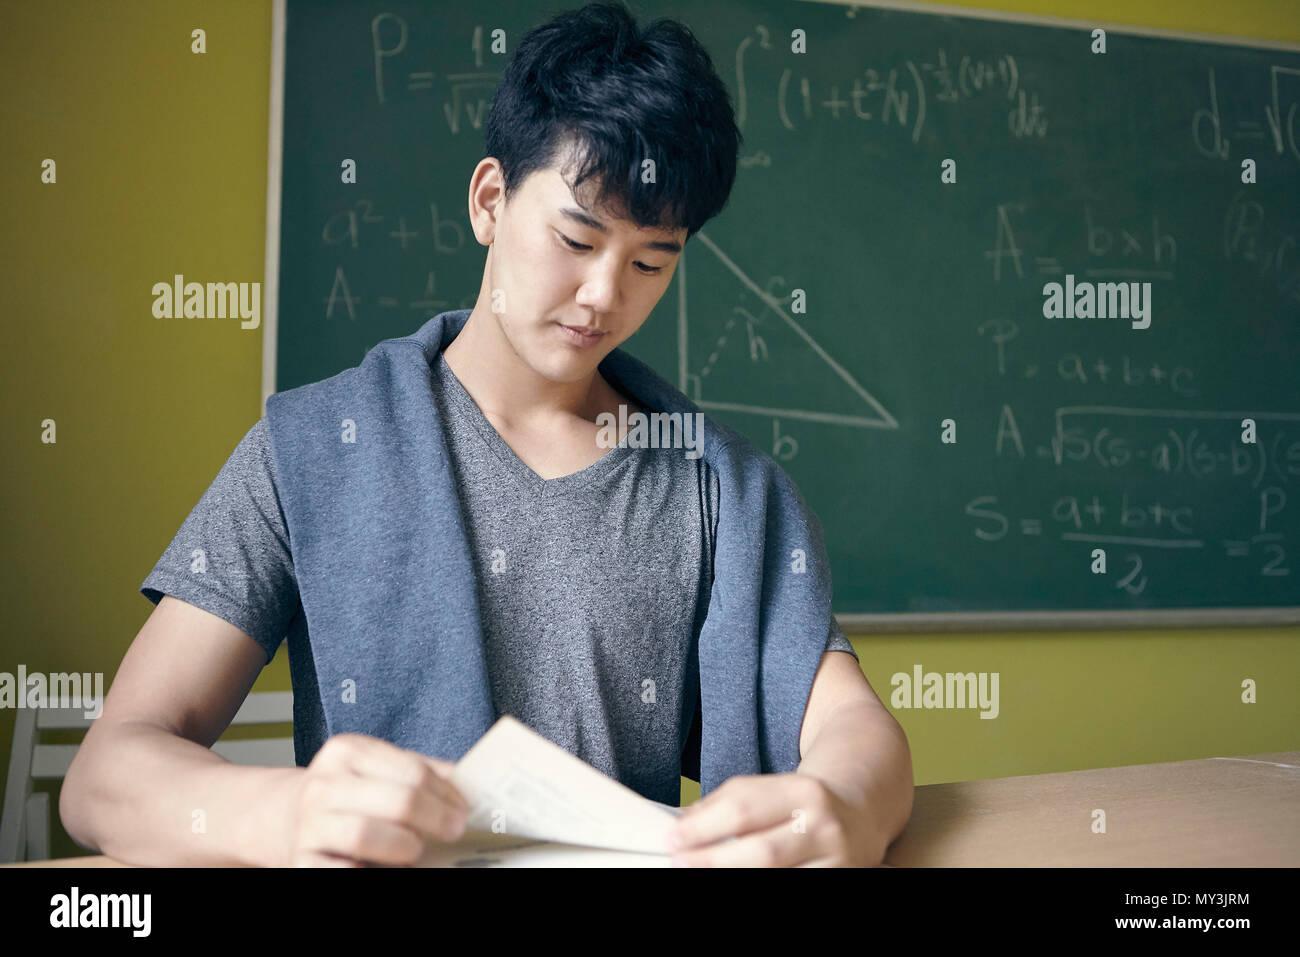 Junge Menschen ein Studium in Mathematik Klasse Stockbild